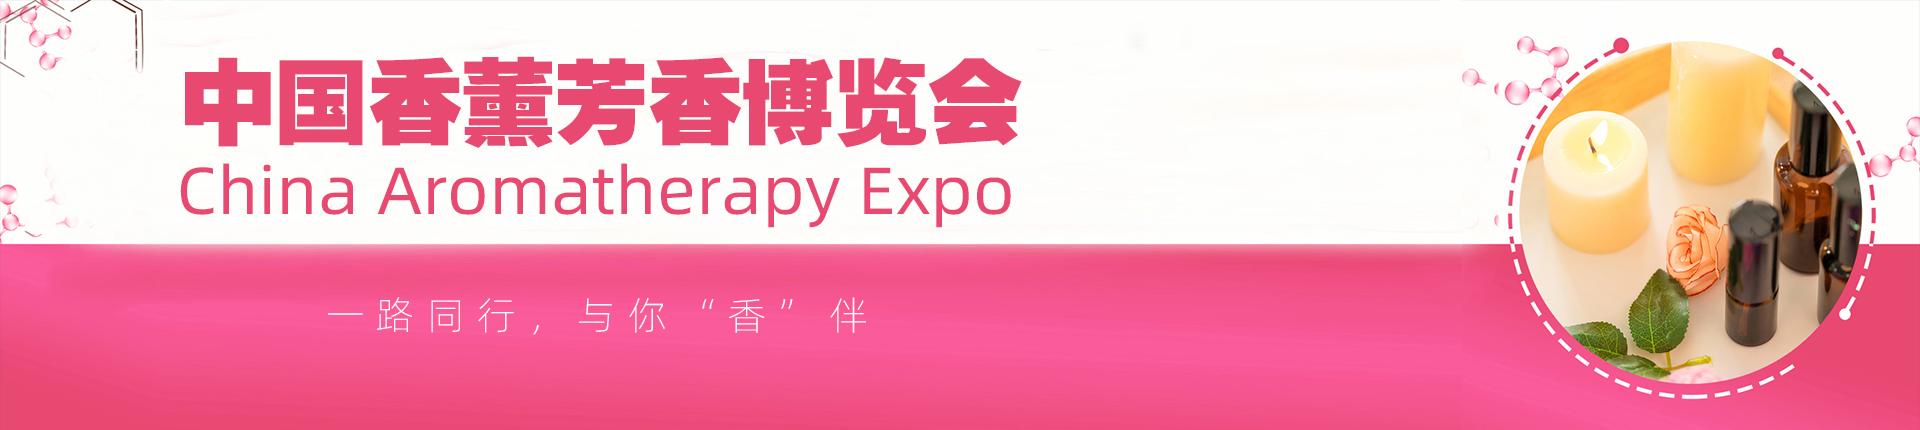 云展·中国香薰芳香博览会